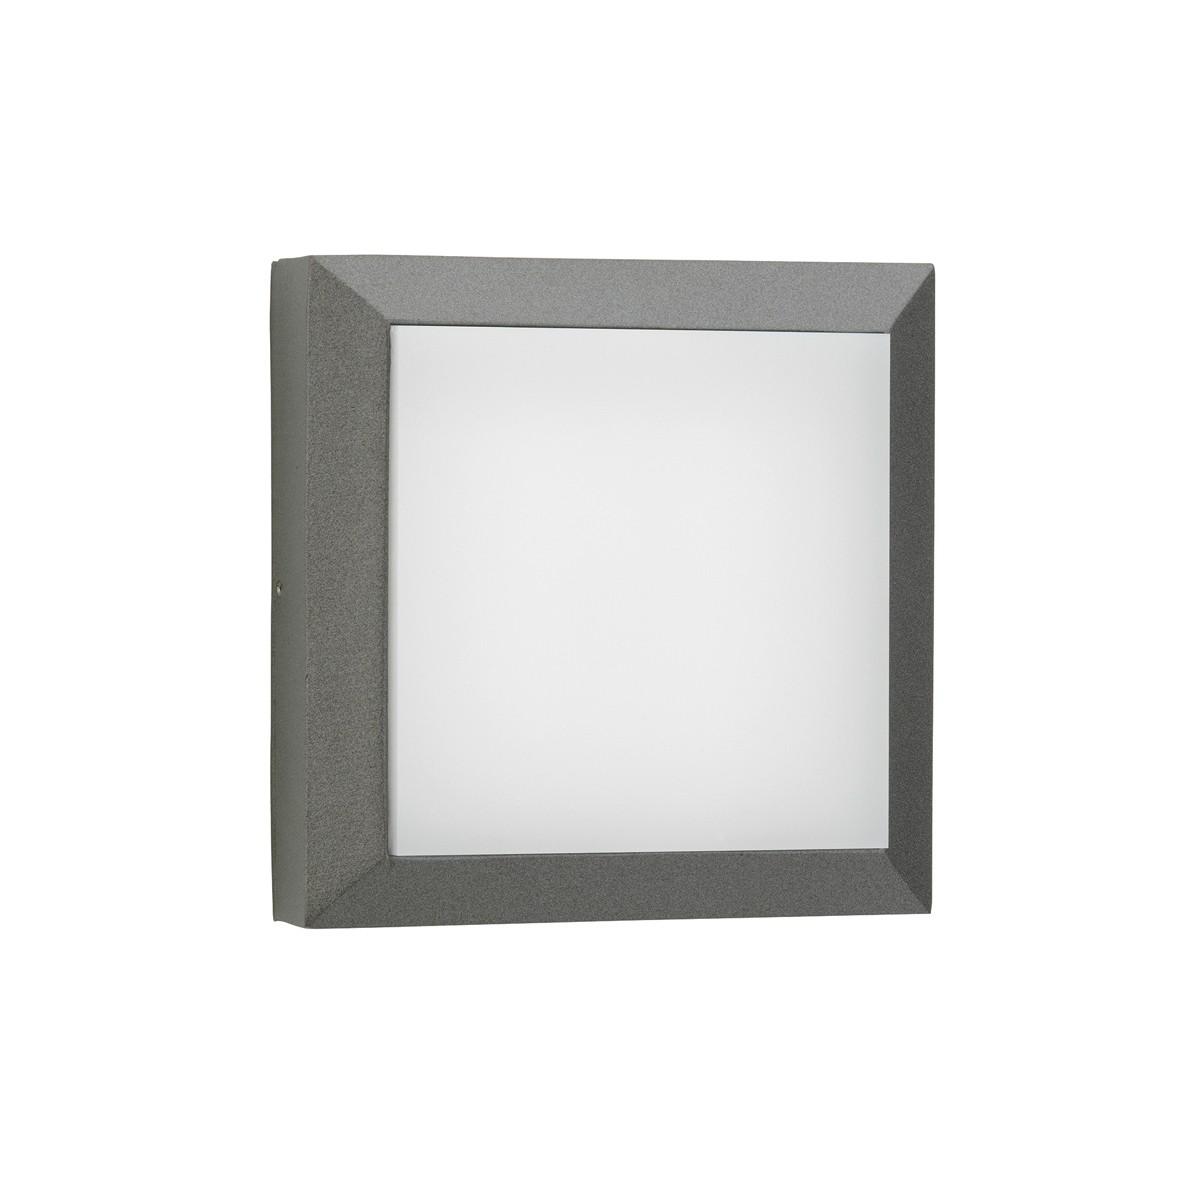 Albert 6560 LED Wand- / Deckenleuchte, anthrazit